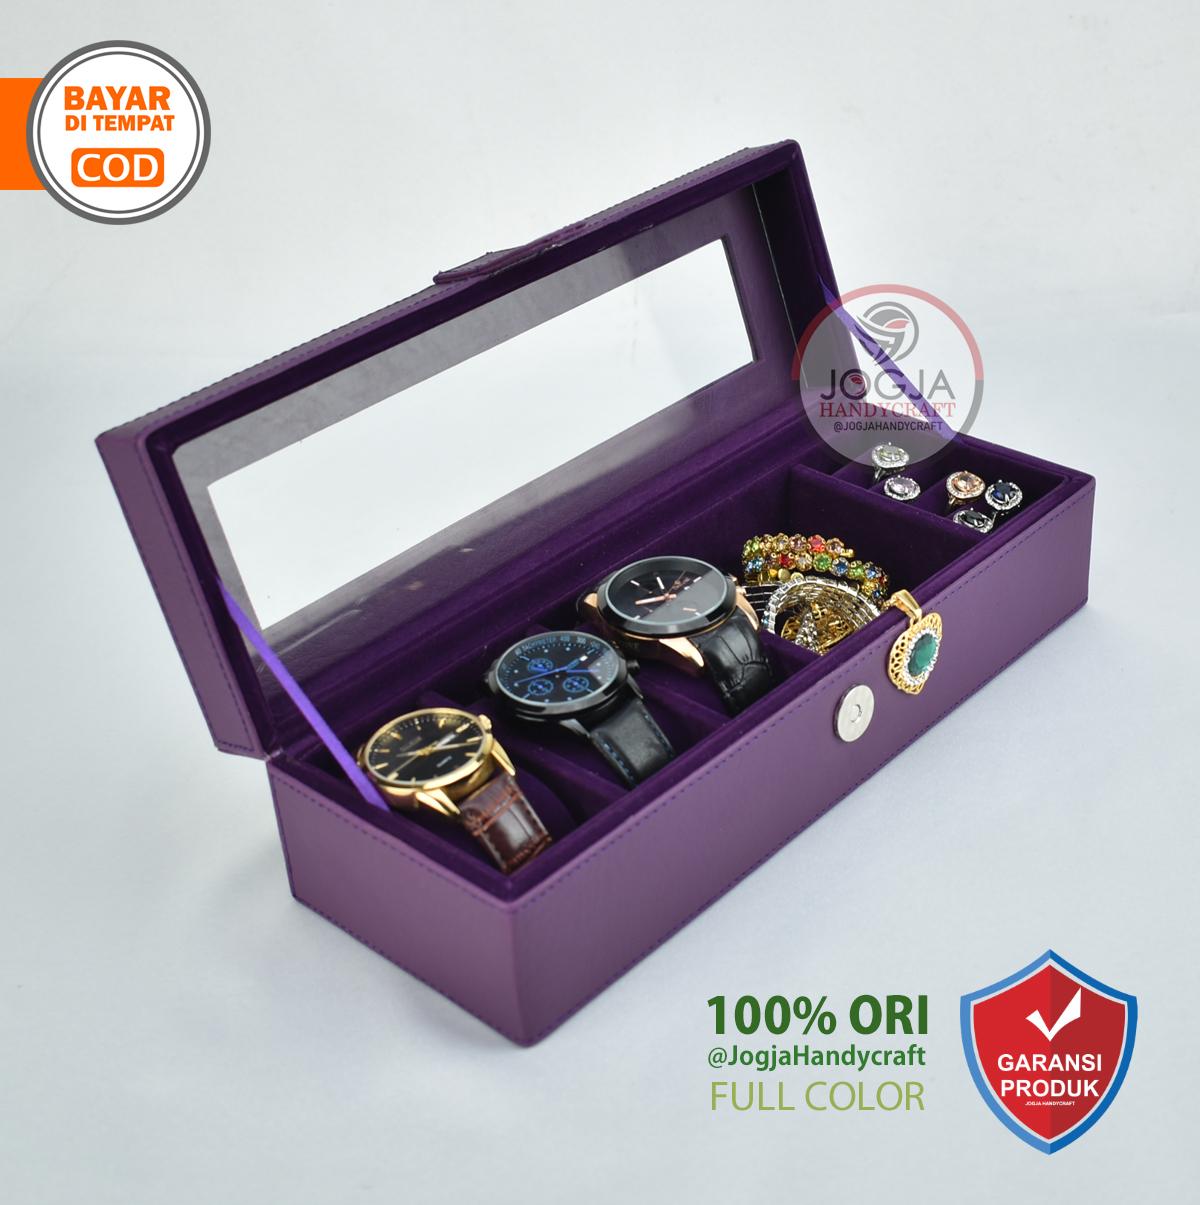 promo – kotak tempat jam tangan isi 3 + tempat perhiasan & aksesoris